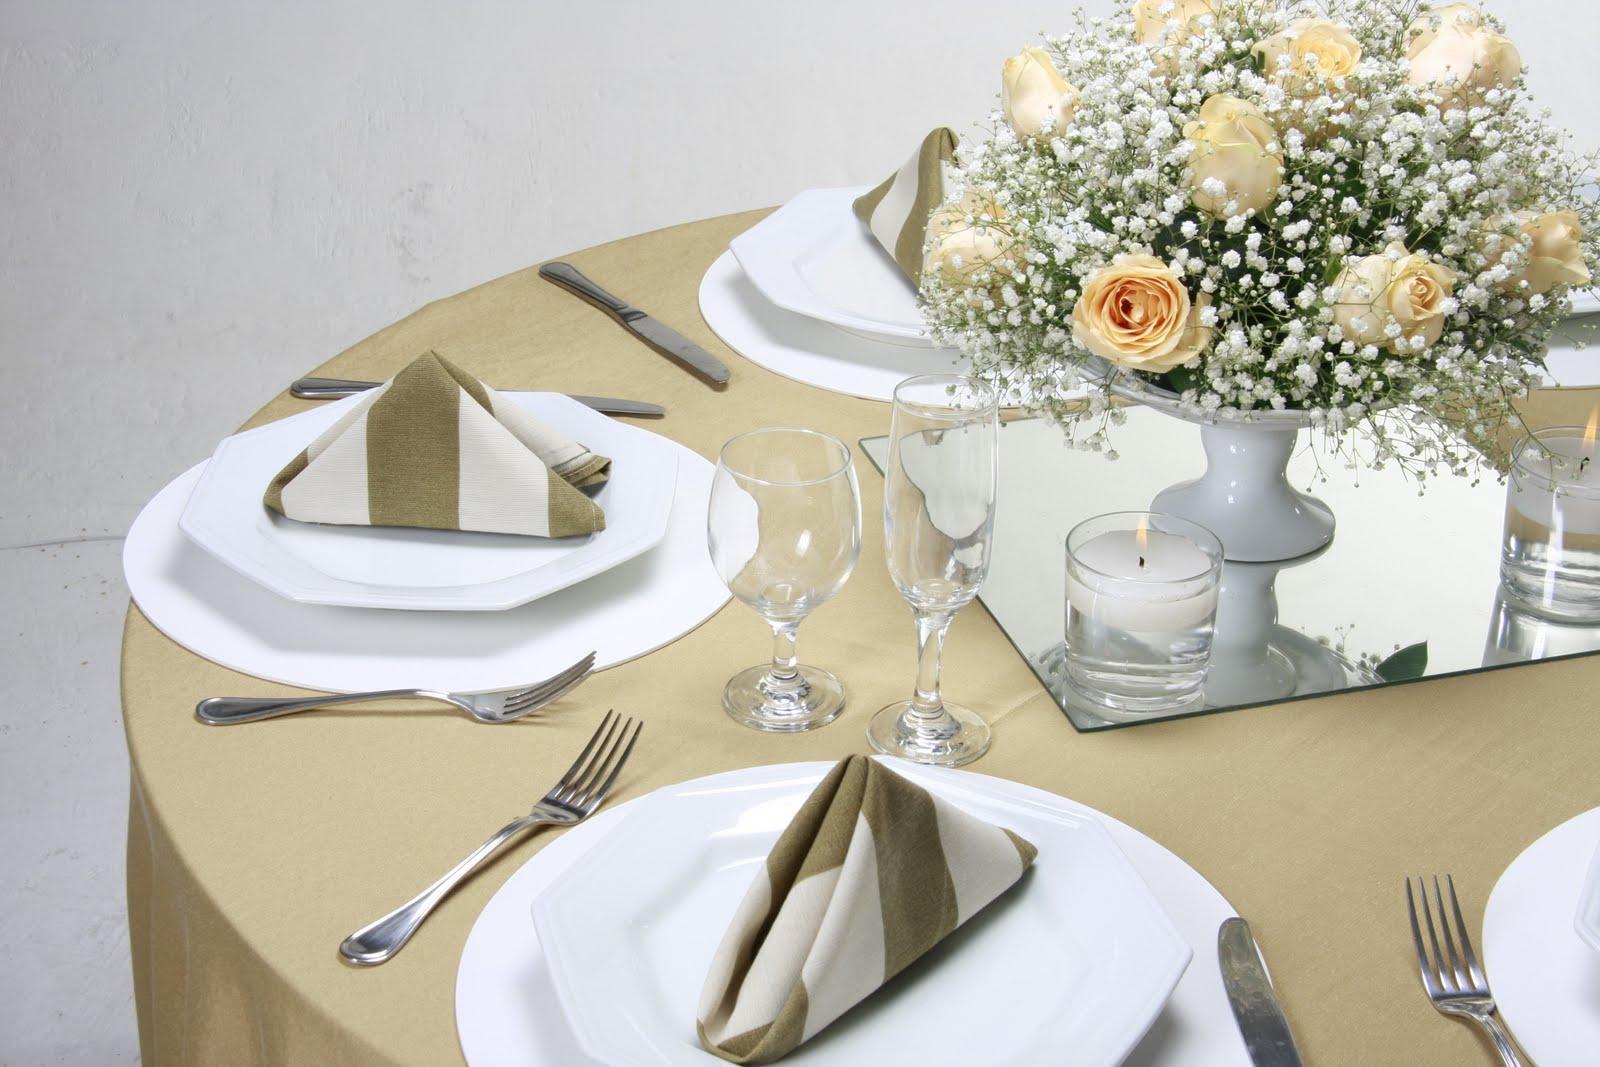 Faça você mesmo meu amor Arranjo floral para cerimônia  - Fotos De Arranjos De Flores Do Campo Para Casamento